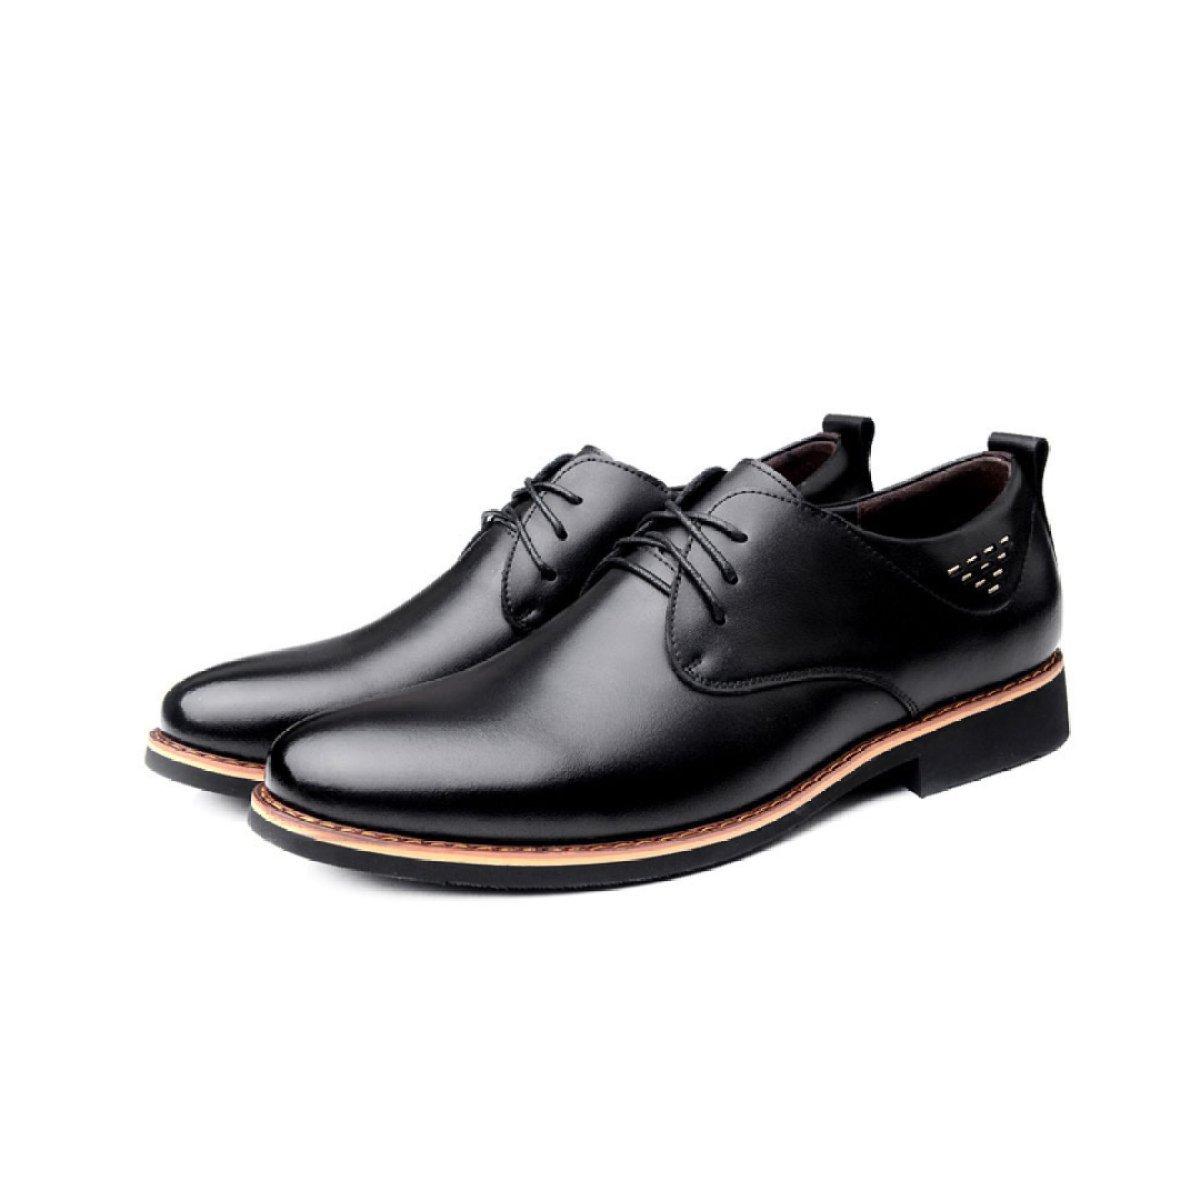 LYZGF Les Hommes De Printemps Et D'automne D'affaires Occasionnels Robe Respirante Chaussures De Mode,Black-39